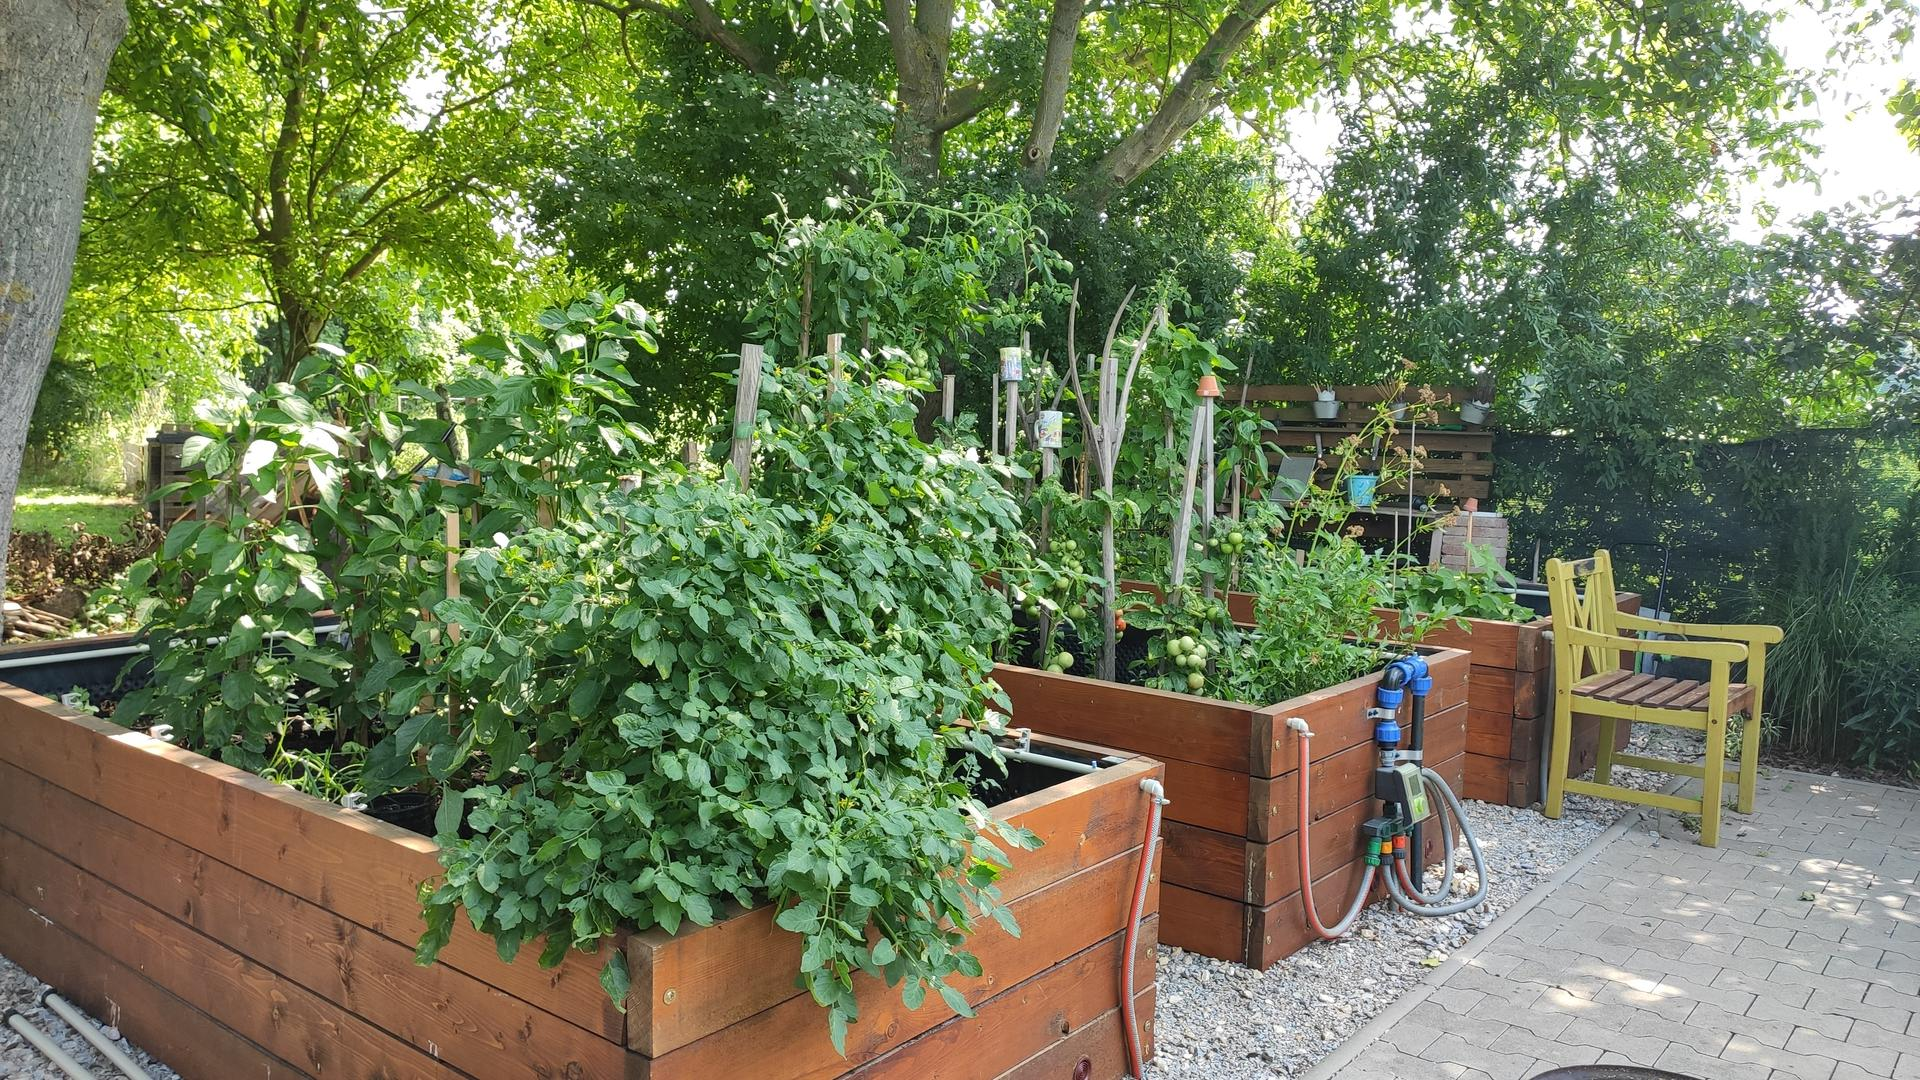 Vyvýšené záhony a úžitková záhrada - sezóna 2021 ... príprava, sadenie, starostlivosť - Obrázok č. 61